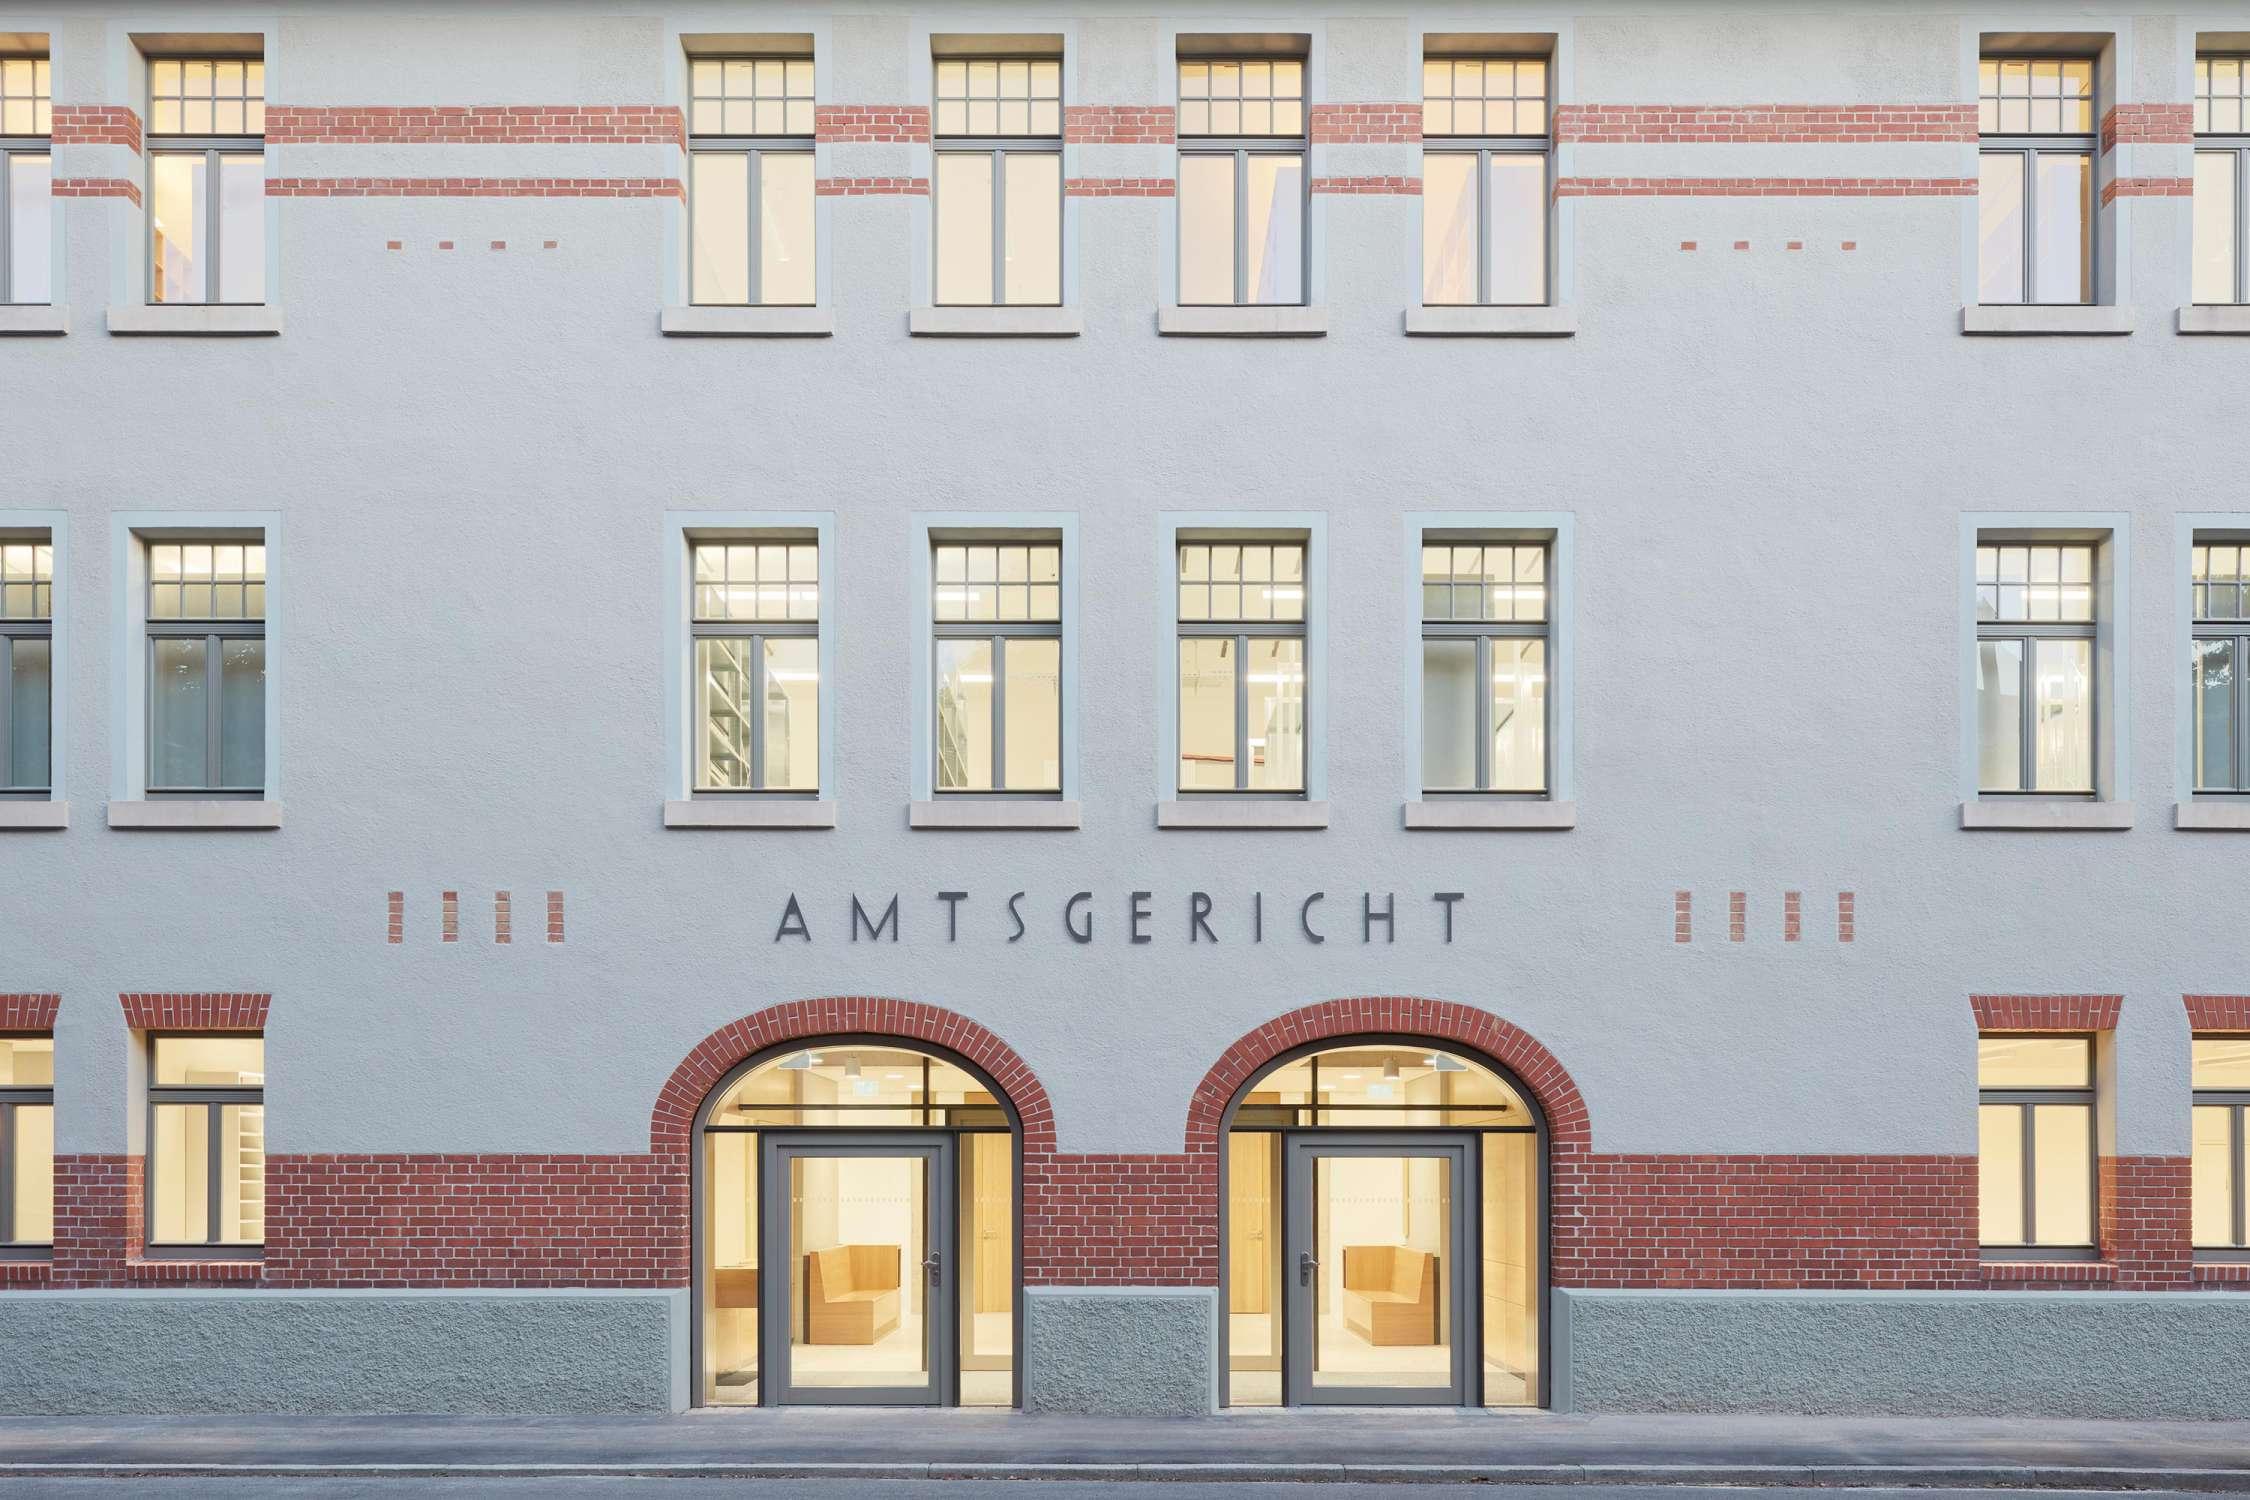 Denkmalpflegerische Sanierung und Umbau Amts-, Nachlass- und Betreuungsgericht (16)